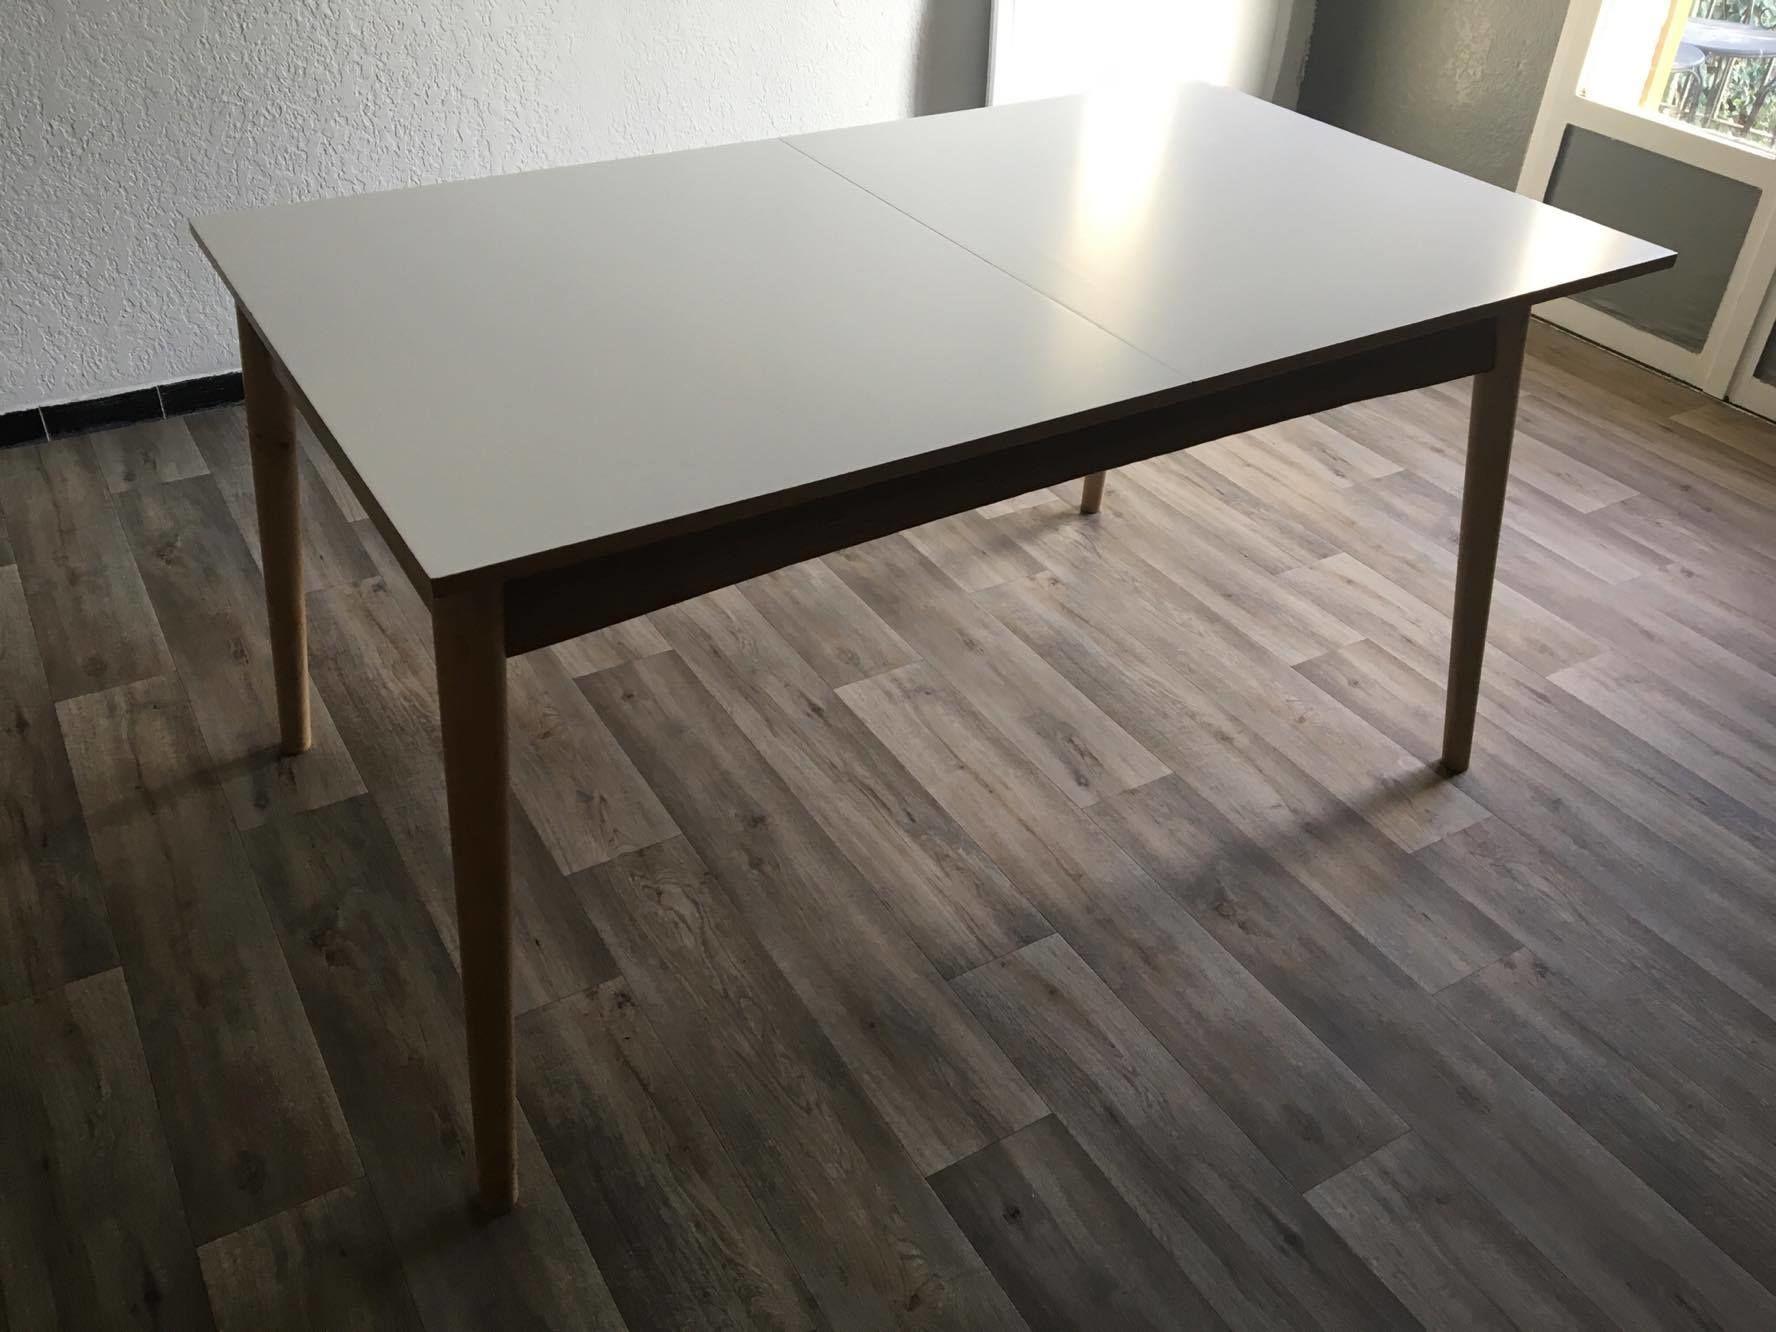 Achetez Boop Table De Salle Quasi Neuf Annonce Vente A Courthezon